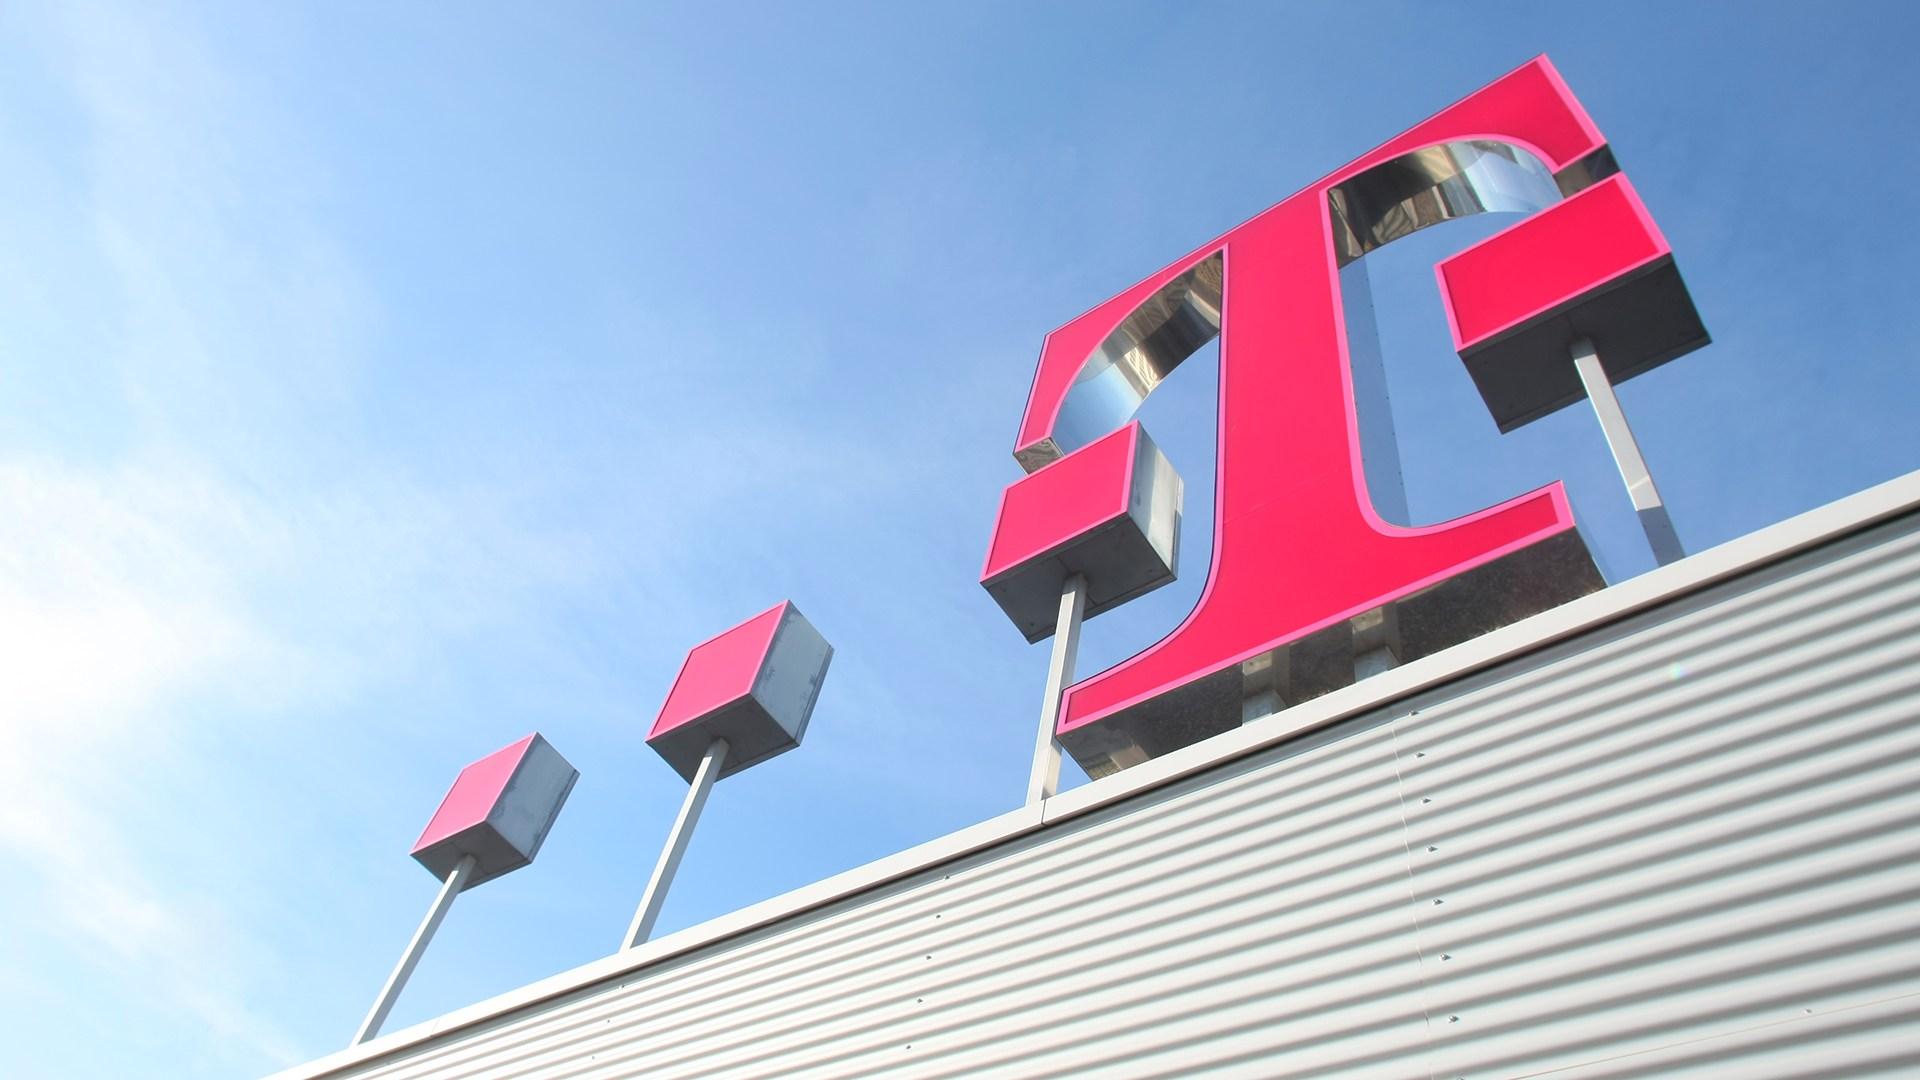 Logo, Deutsche Telekom, Telekom, Telekommunikationsunternehmen